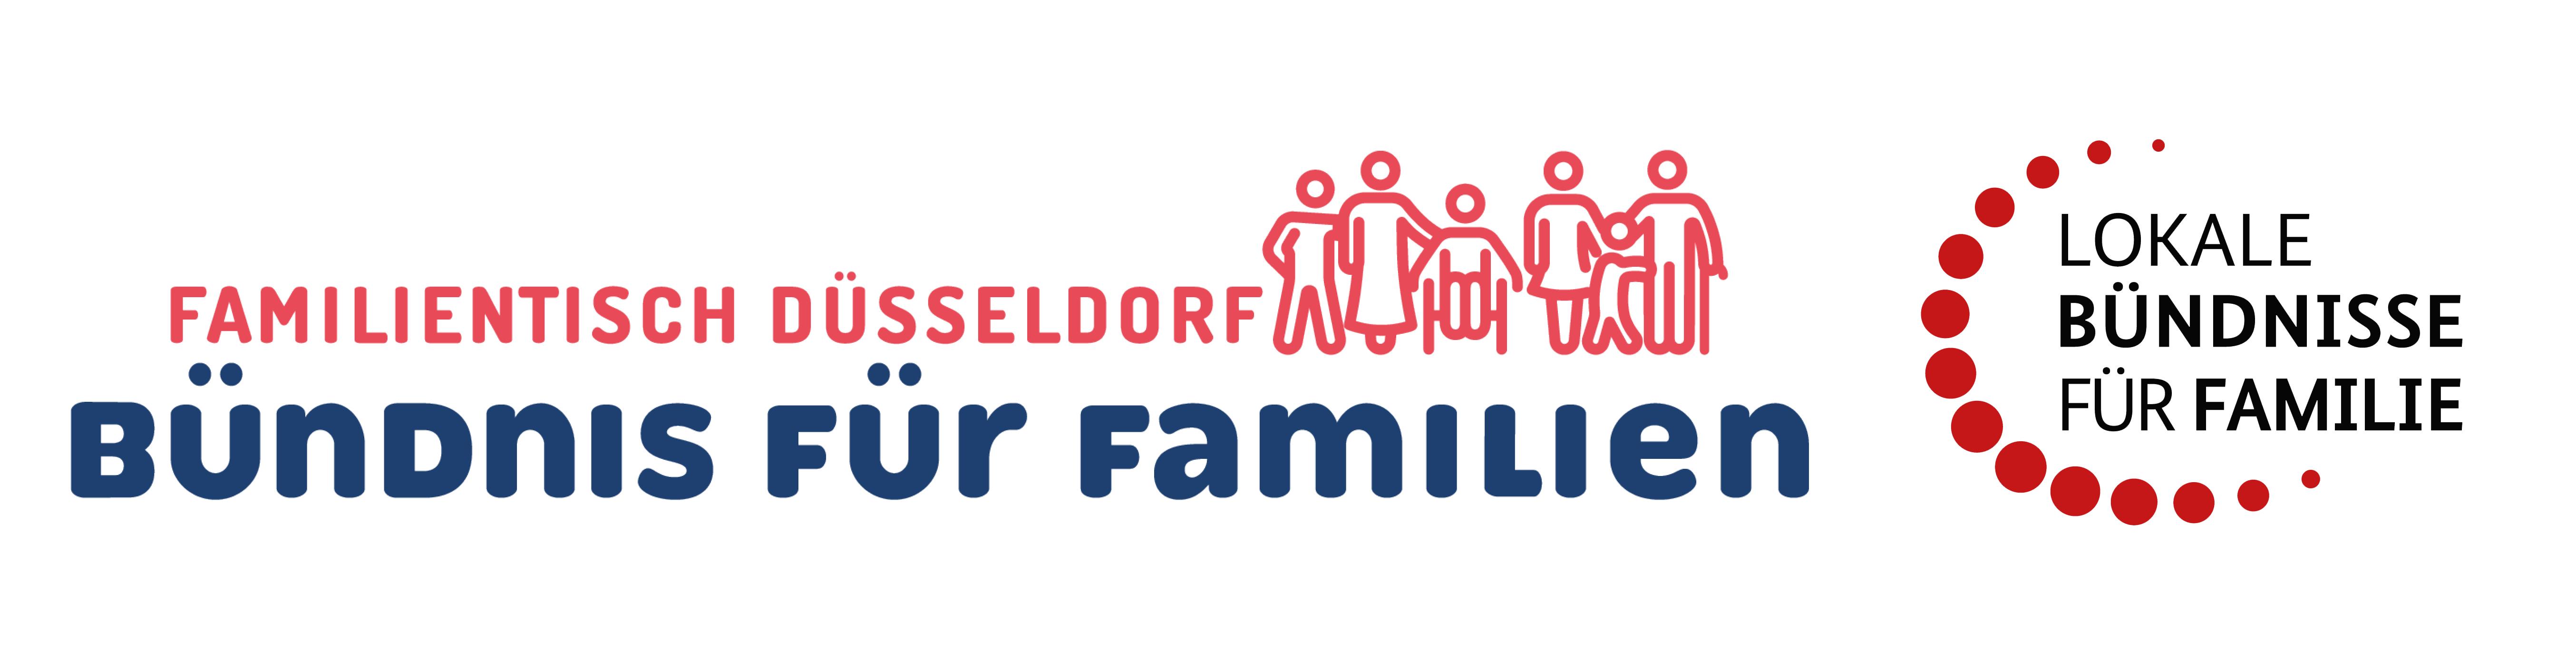 Familientisch-duesseldorf